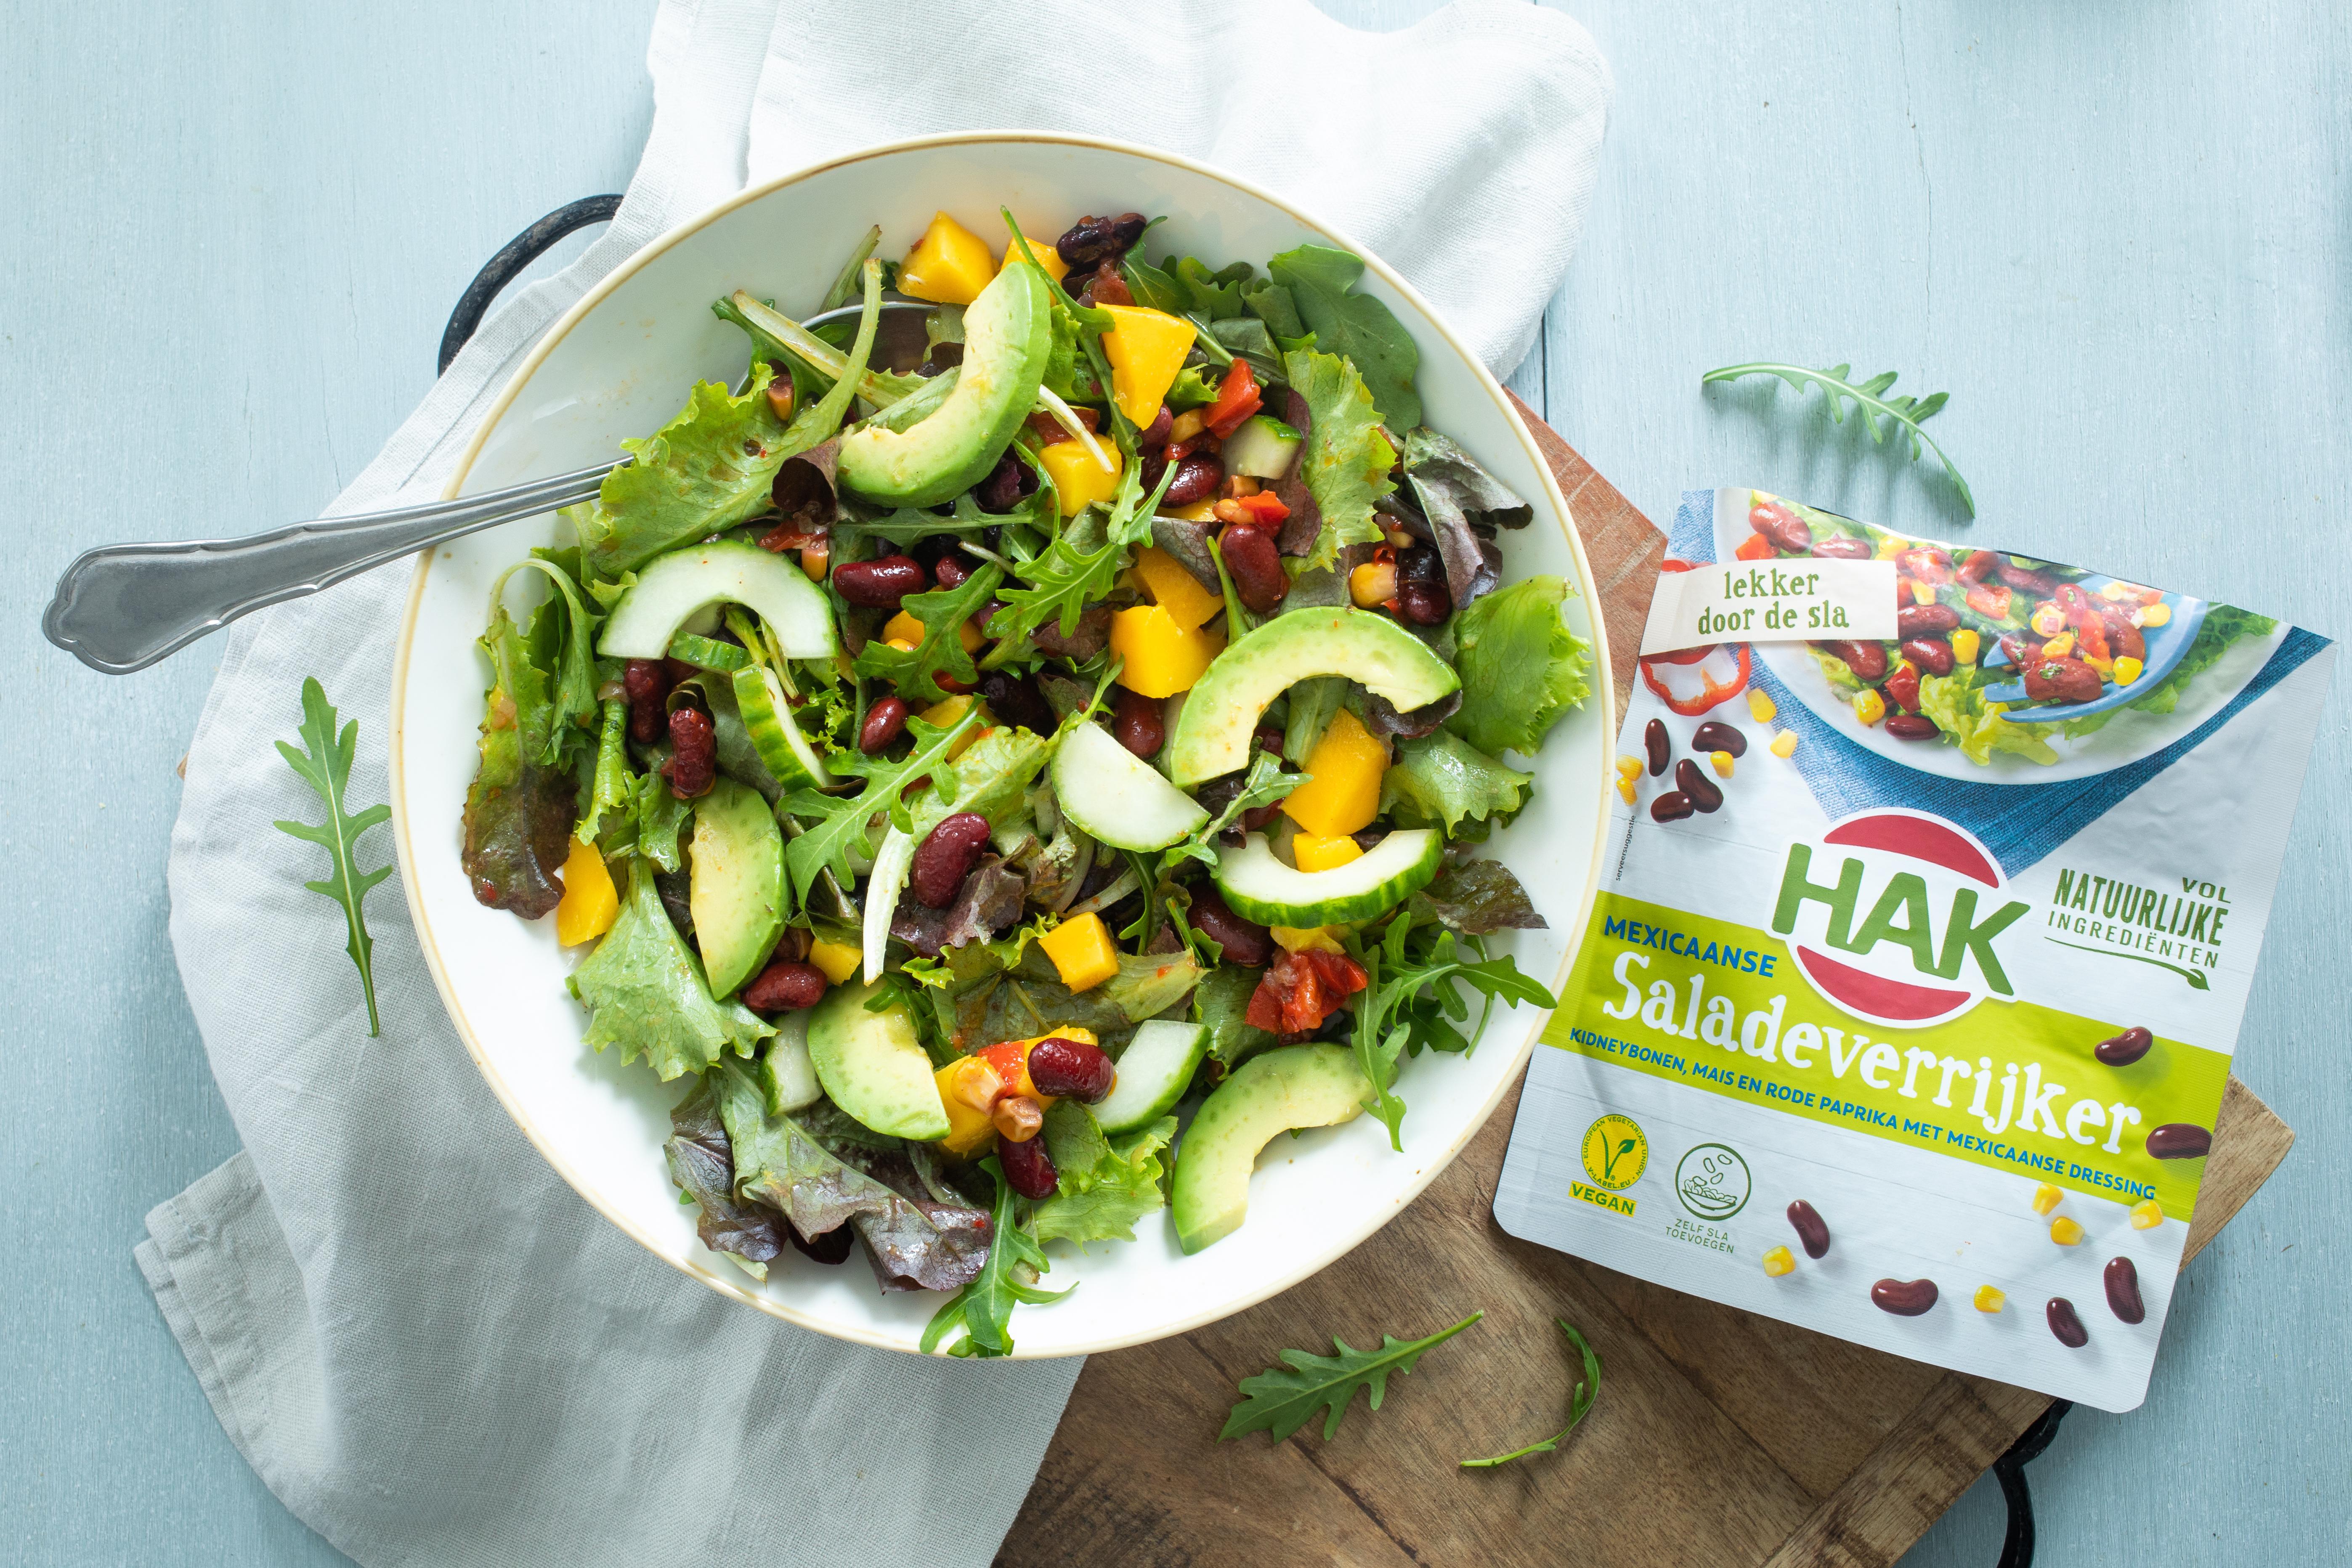 HAK Mexicaanse saladeverrijker Mexicaanse salade met mango en avocado 1 met product